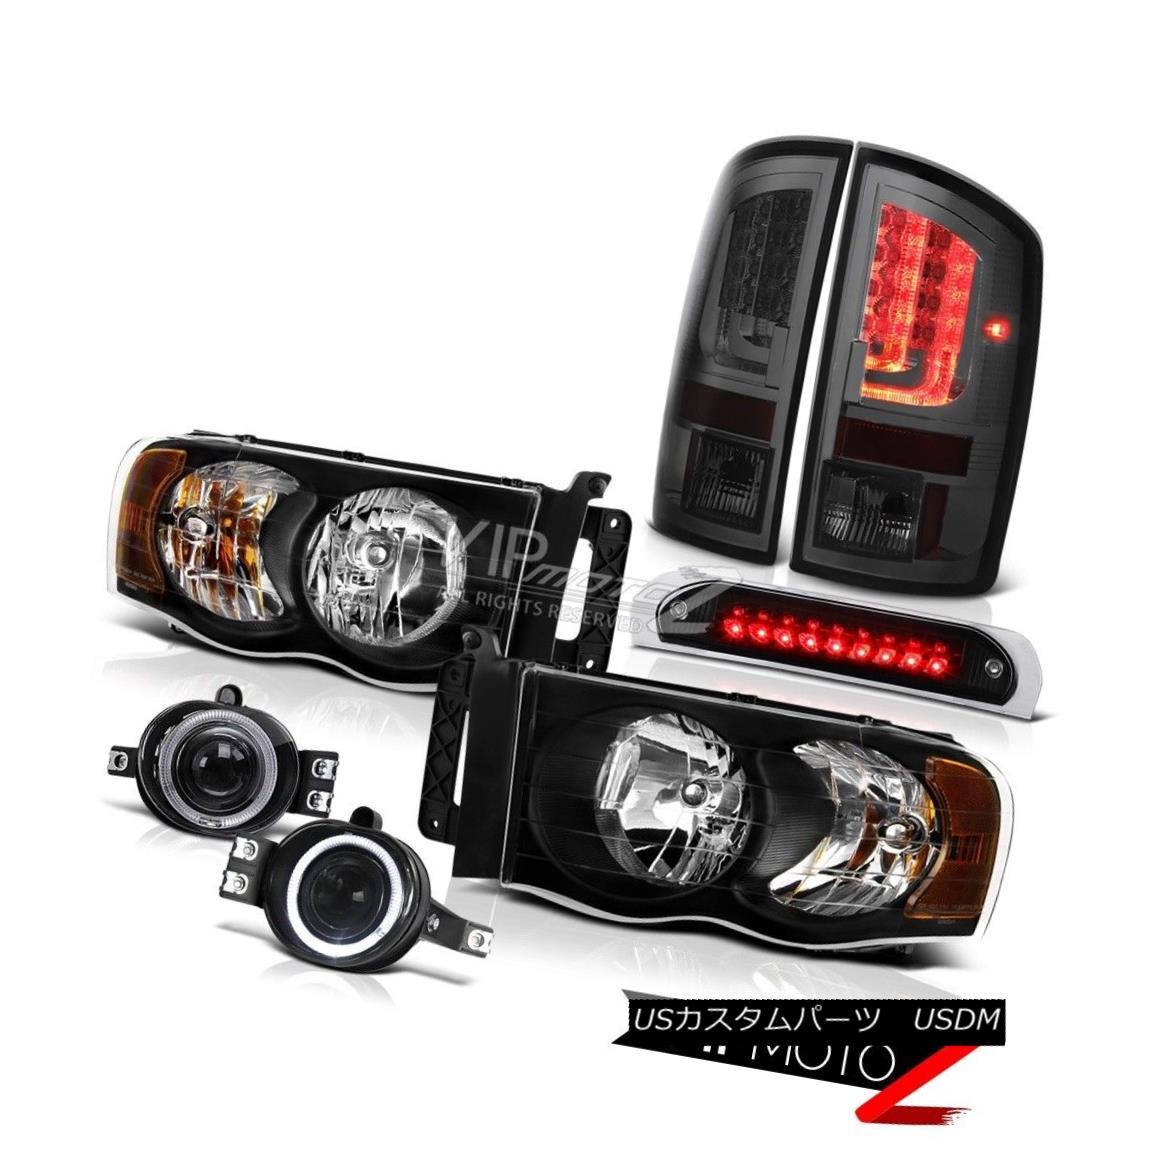 テールライト 2003-2005 Dodge Ram 1500 4.7L Taillamps Roof Brake Light Headlamps Fog Lamps LED 2003-2005ダッジラム1500 4.7LテールランプルーフブレーキライトヘッドランプフォグランプLED